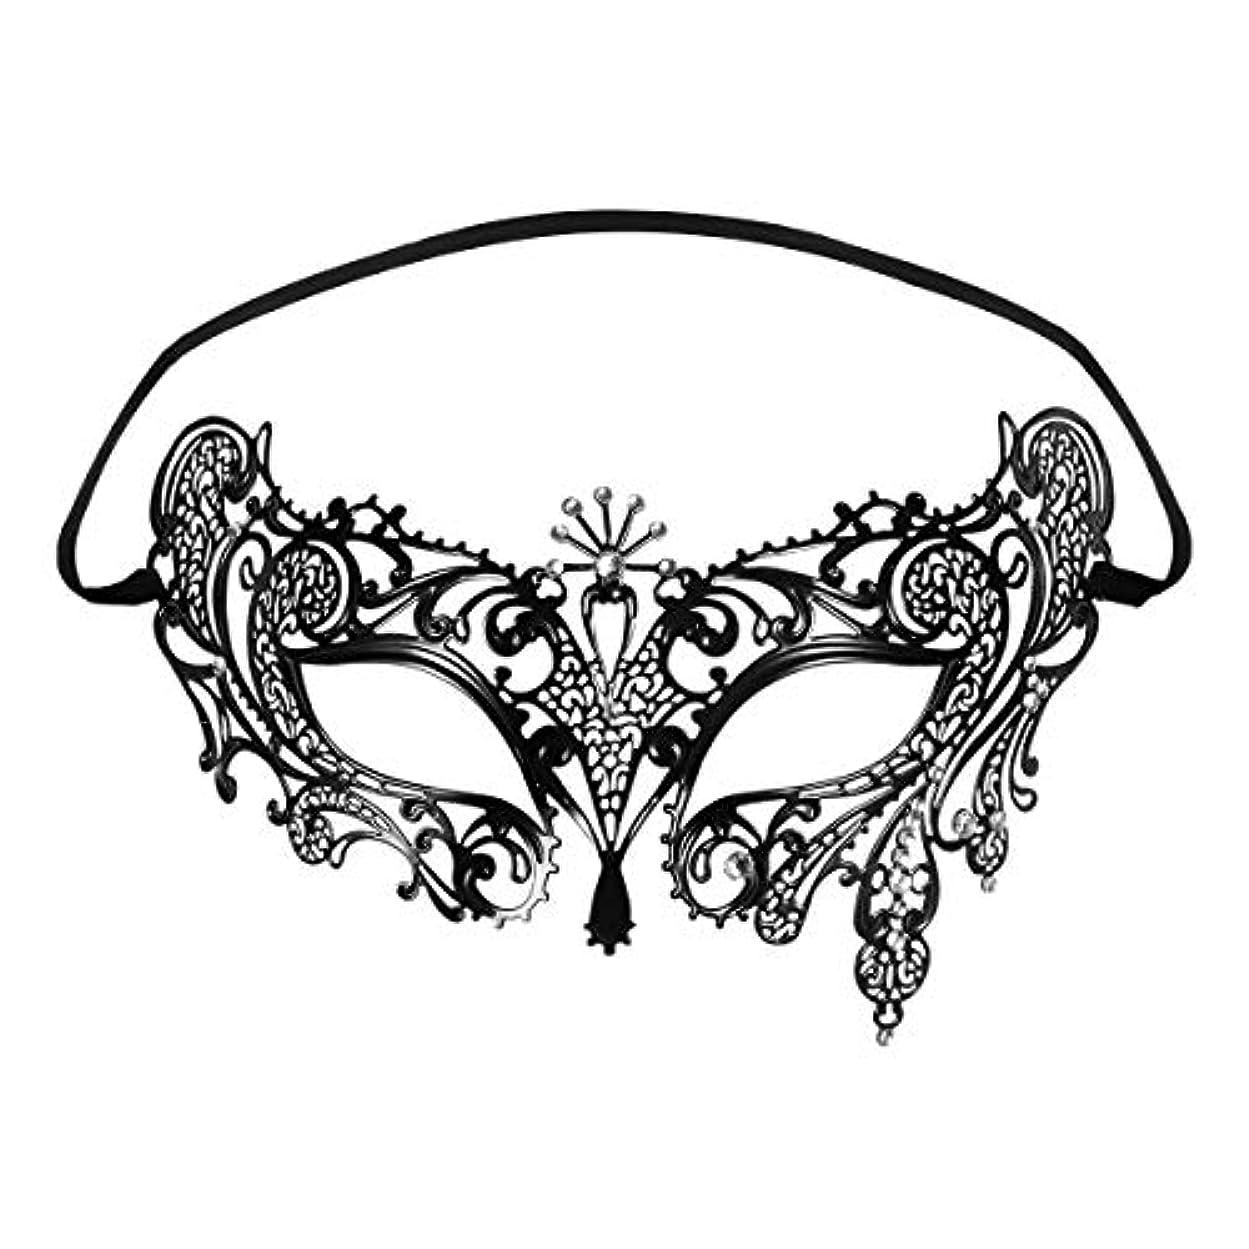 洞察力のある成長する中断Foxnovo Foxnovoファッション高級ベネチアンスタイルディアマンテメタルフィリグリー仮装用マスク結婚式/パーティー用(ブラック)